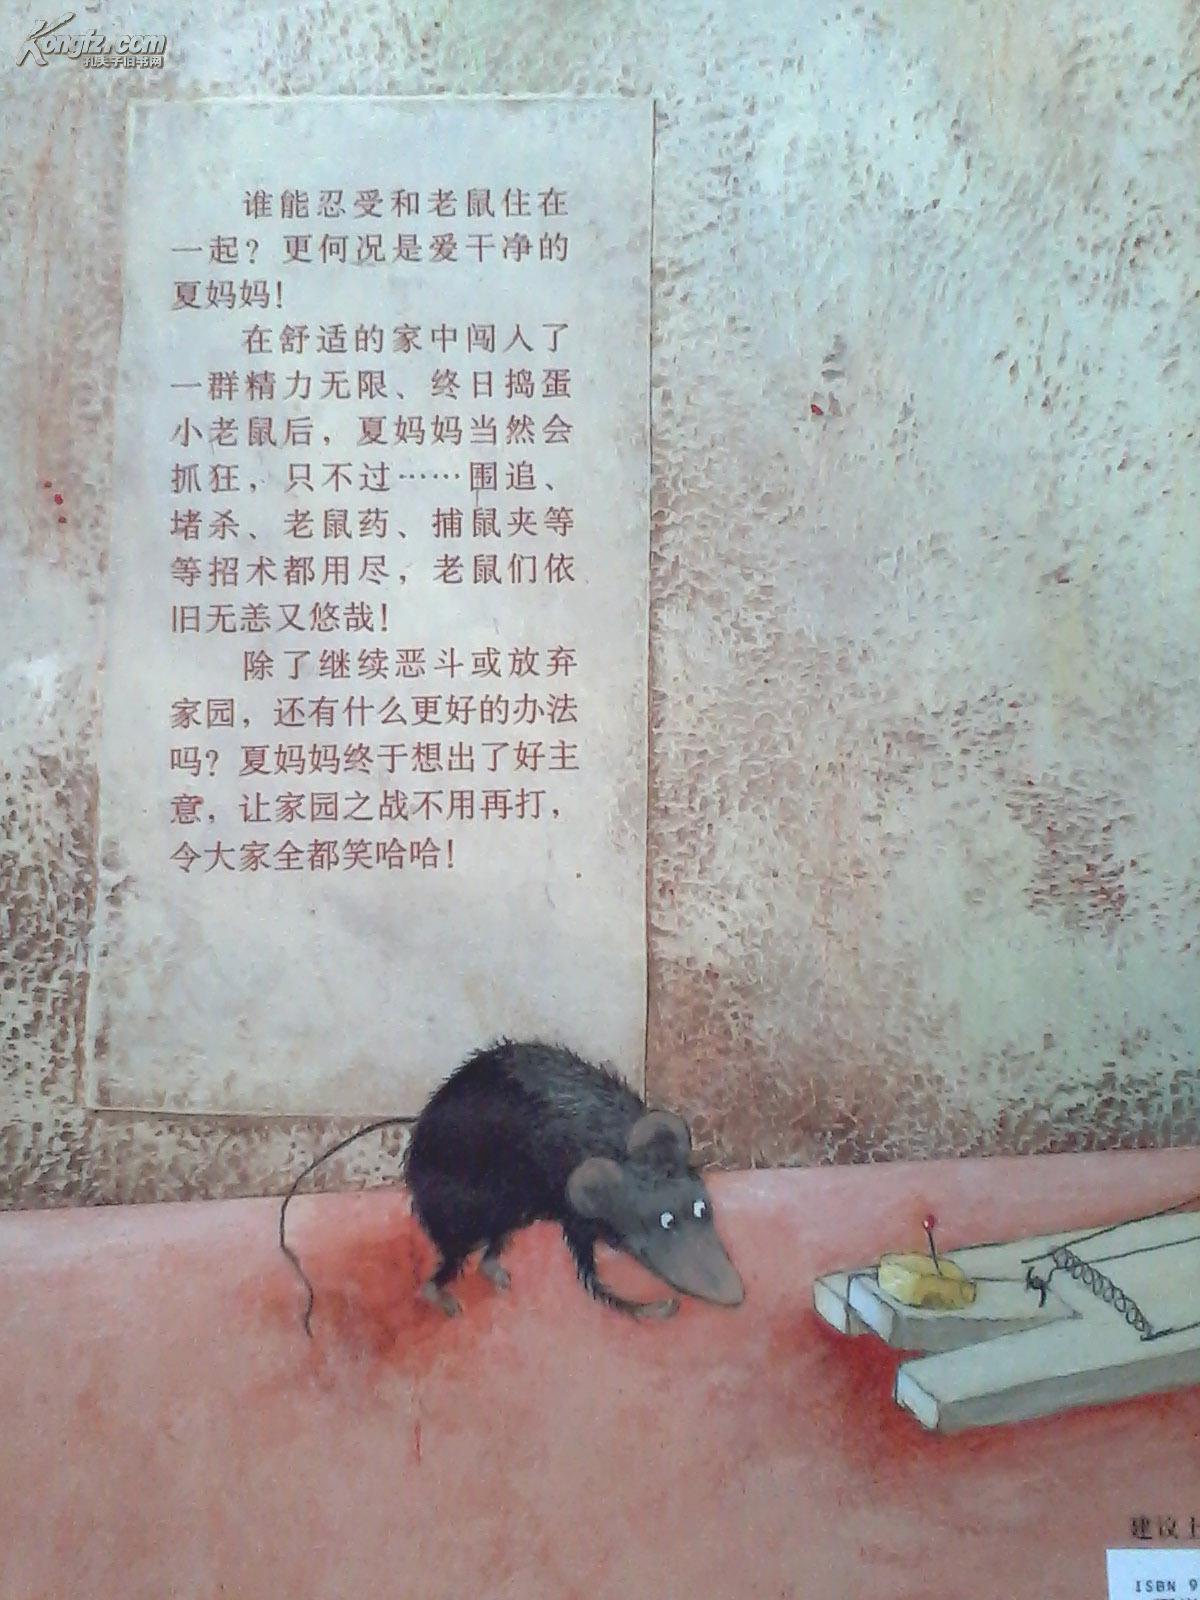 生存智慧图画书 我真的喜欢你 超级猪 老鼠冤家 世界上最小的马戏团图片